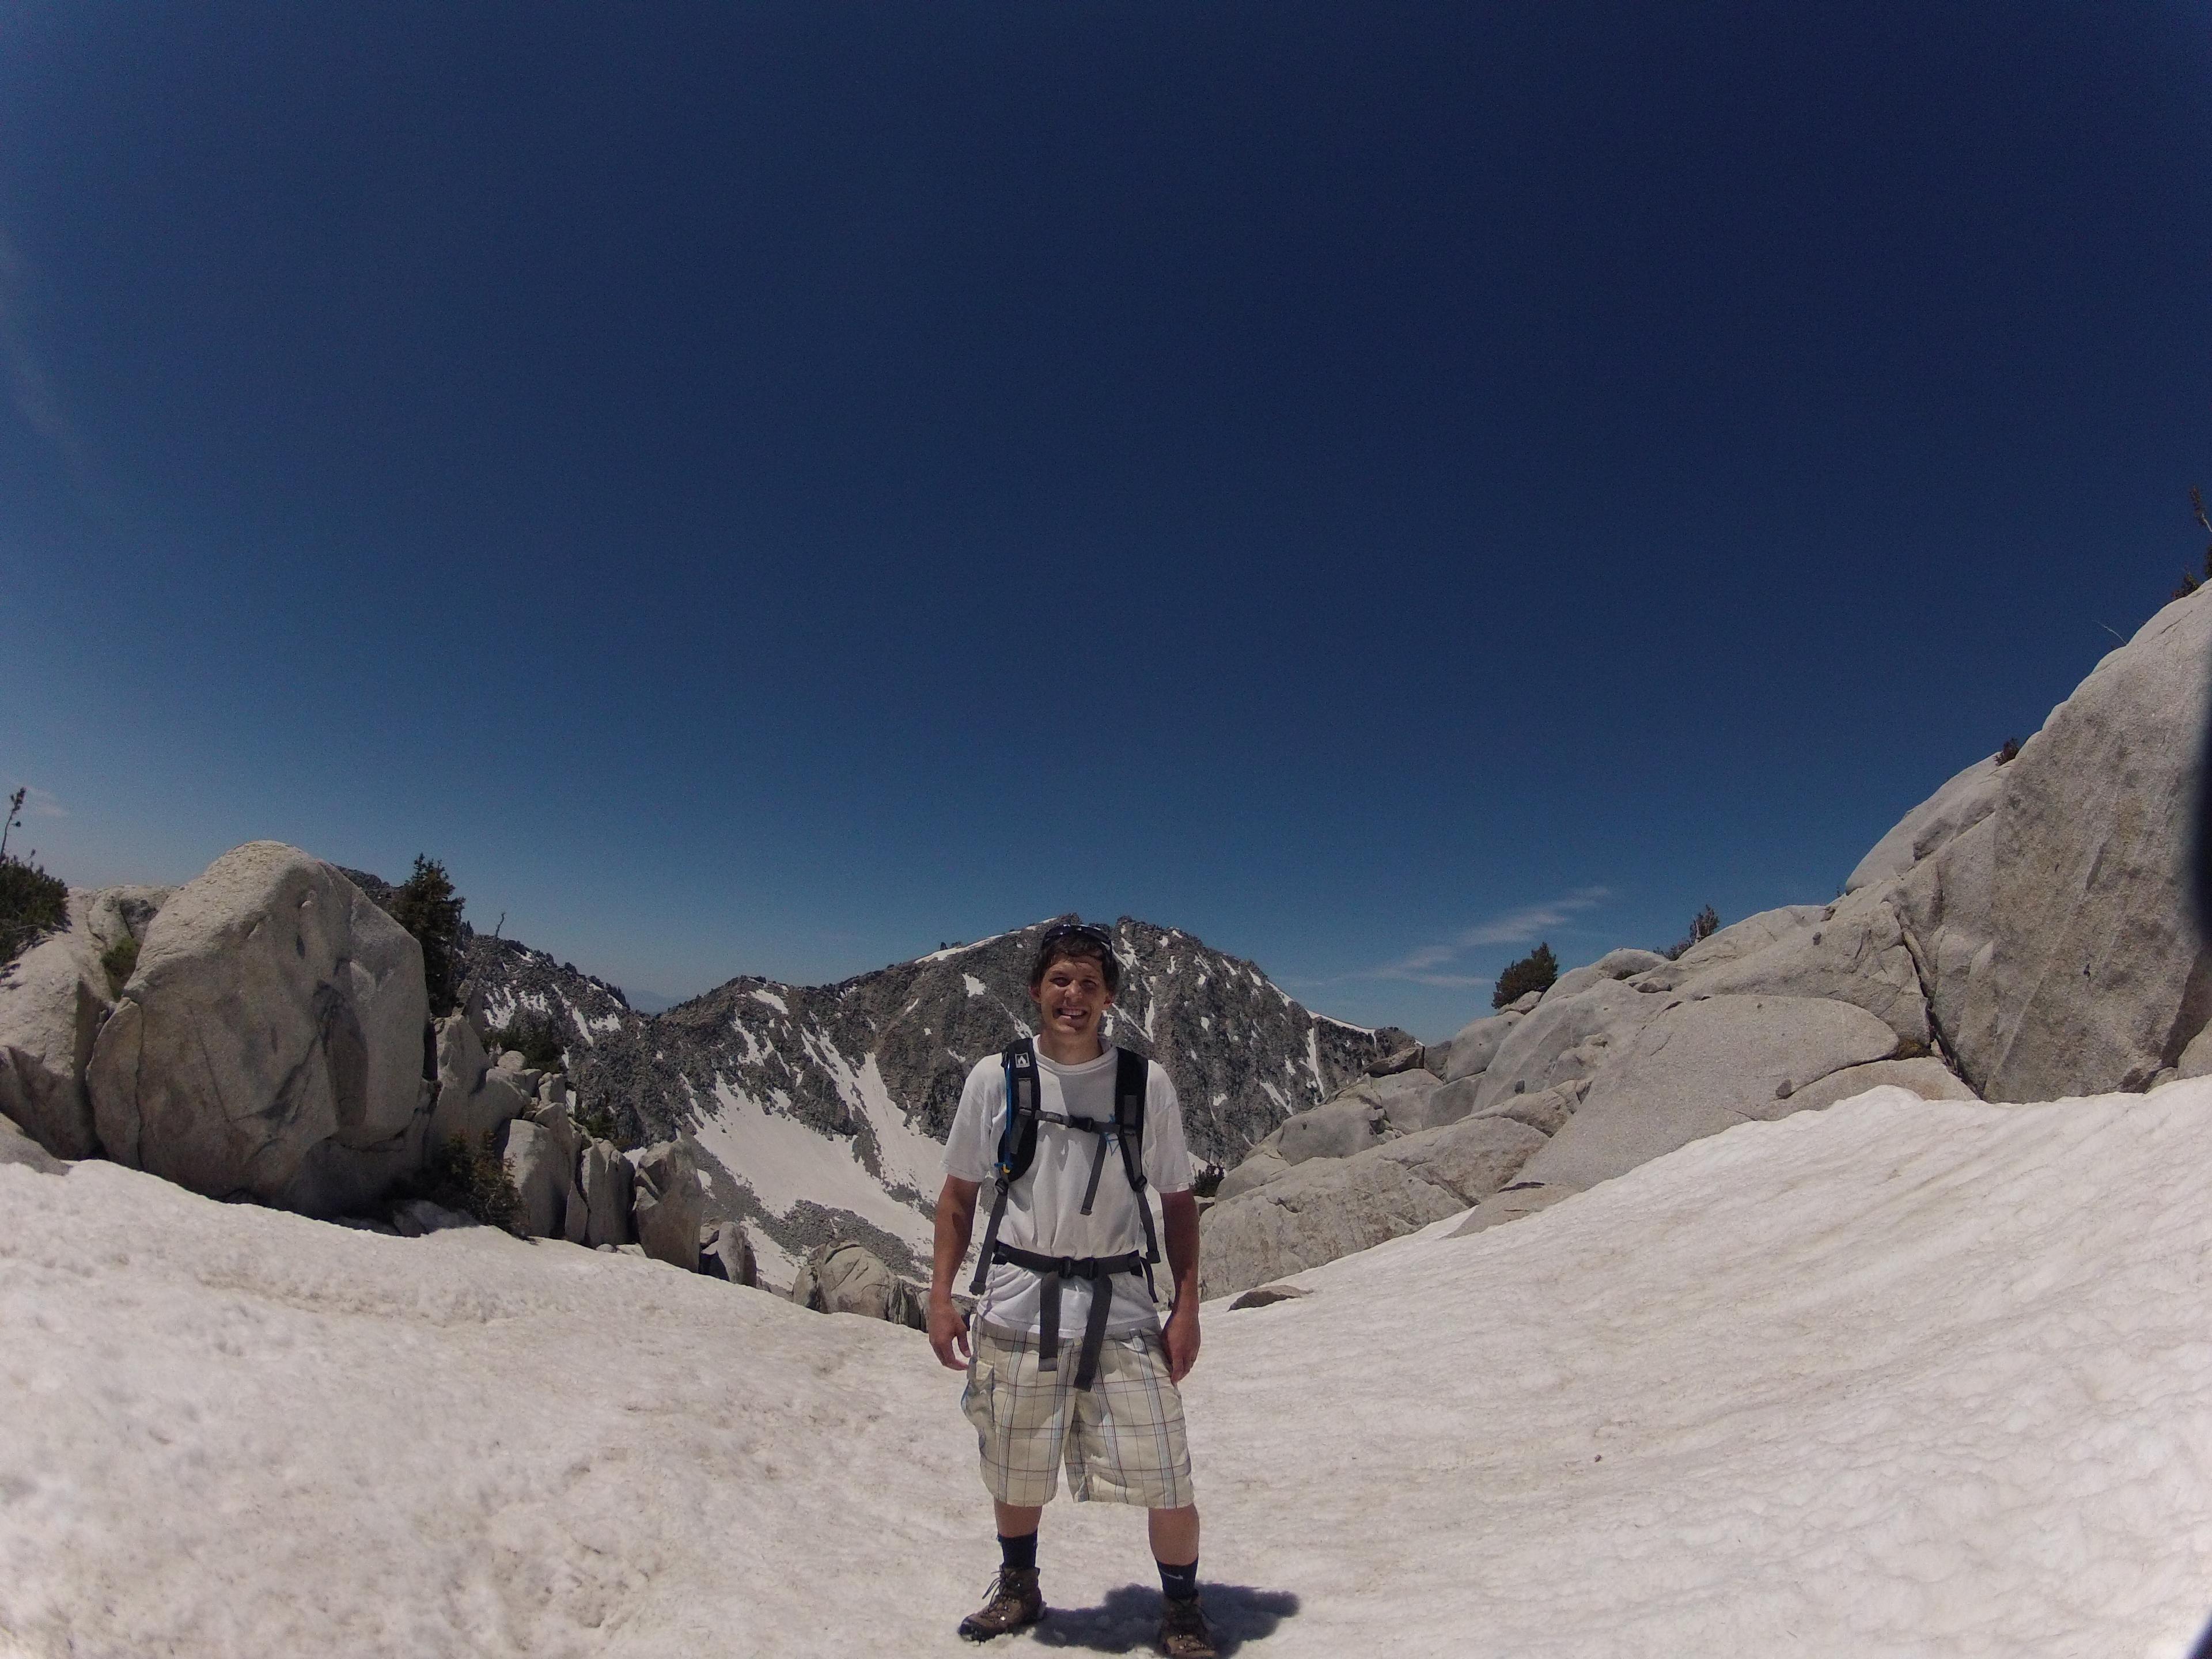 Cool snowfield with Lone Peak behind